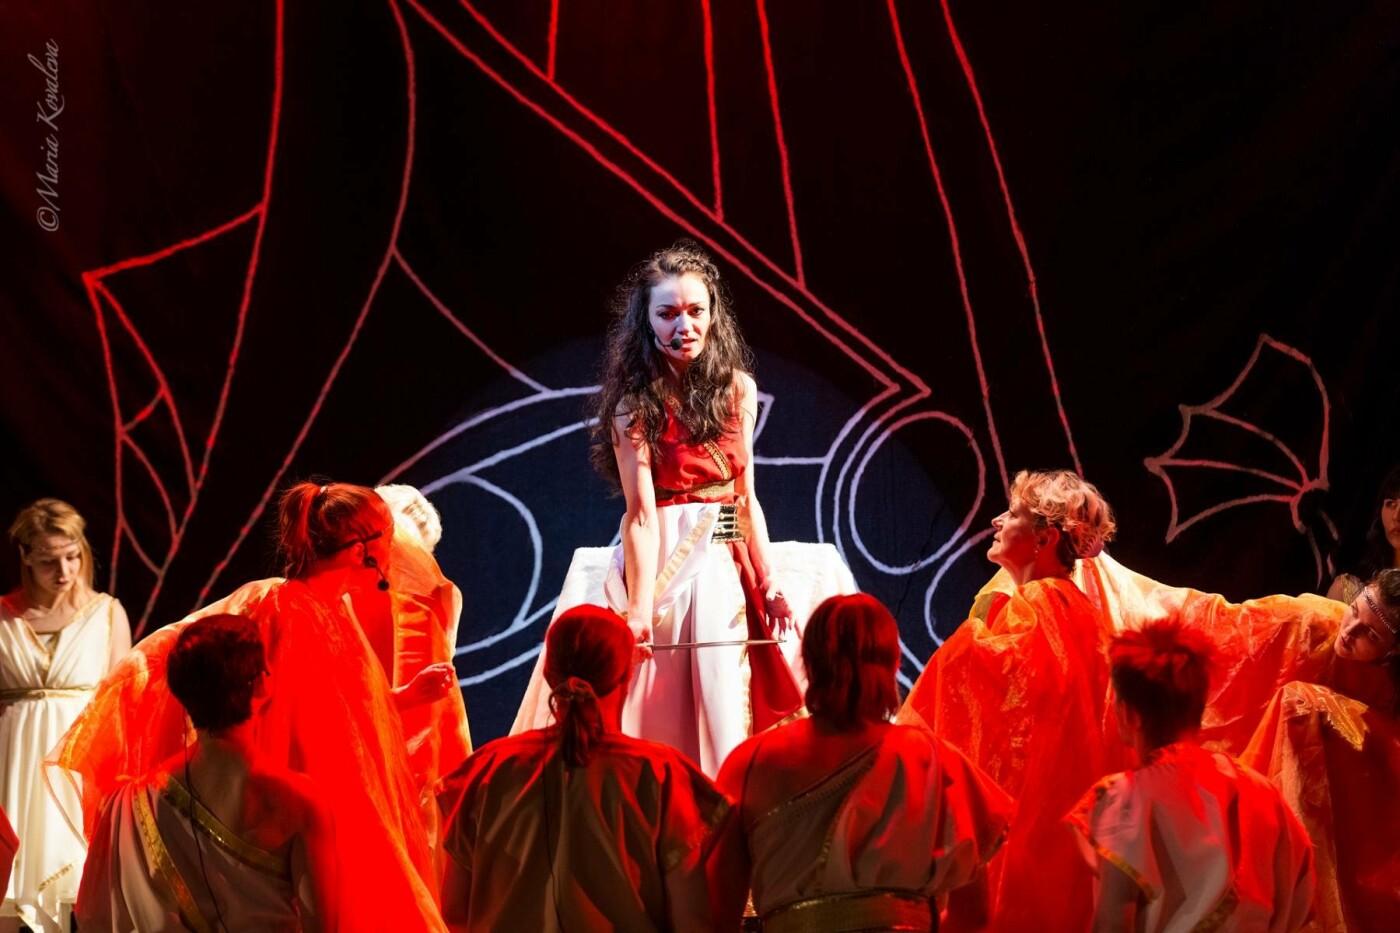 Санкт-Петербургский ТЕАТР «РОК-ОПЕРА» выступит на сцене Псковского драмтеатра 22 апреля, фото-3